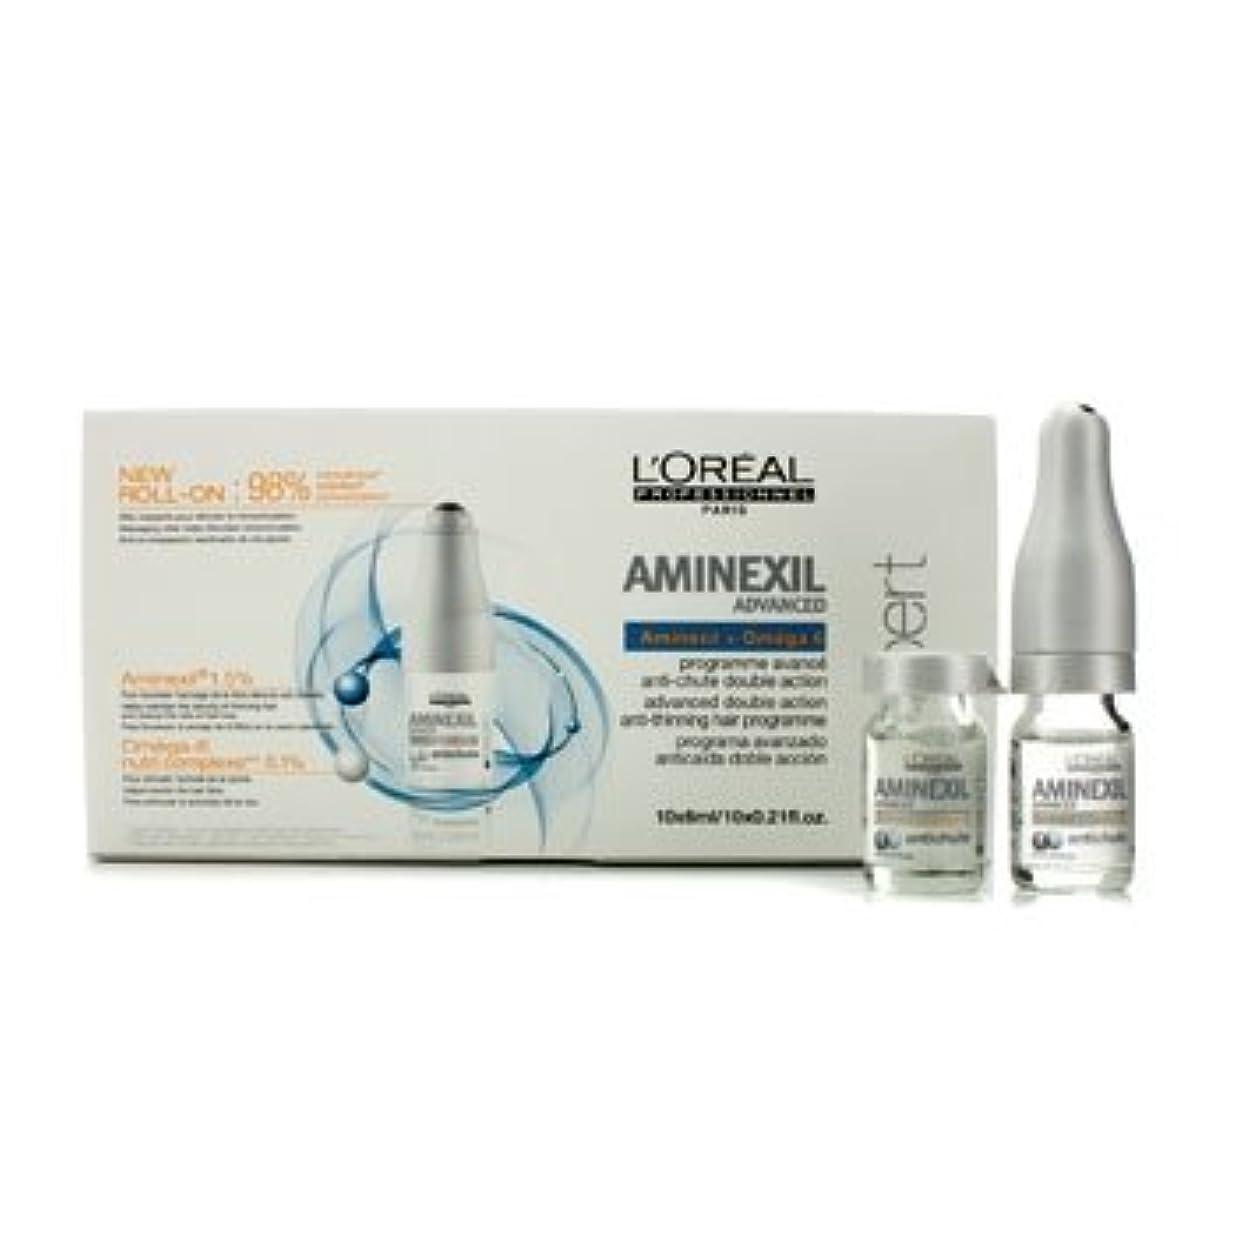 先予報眠りロレアル Professionnel Expert Serie - Aminexil Advanced Anti-Thinning Hair Programme 10x6ml [並行輸入品][海外直送品]